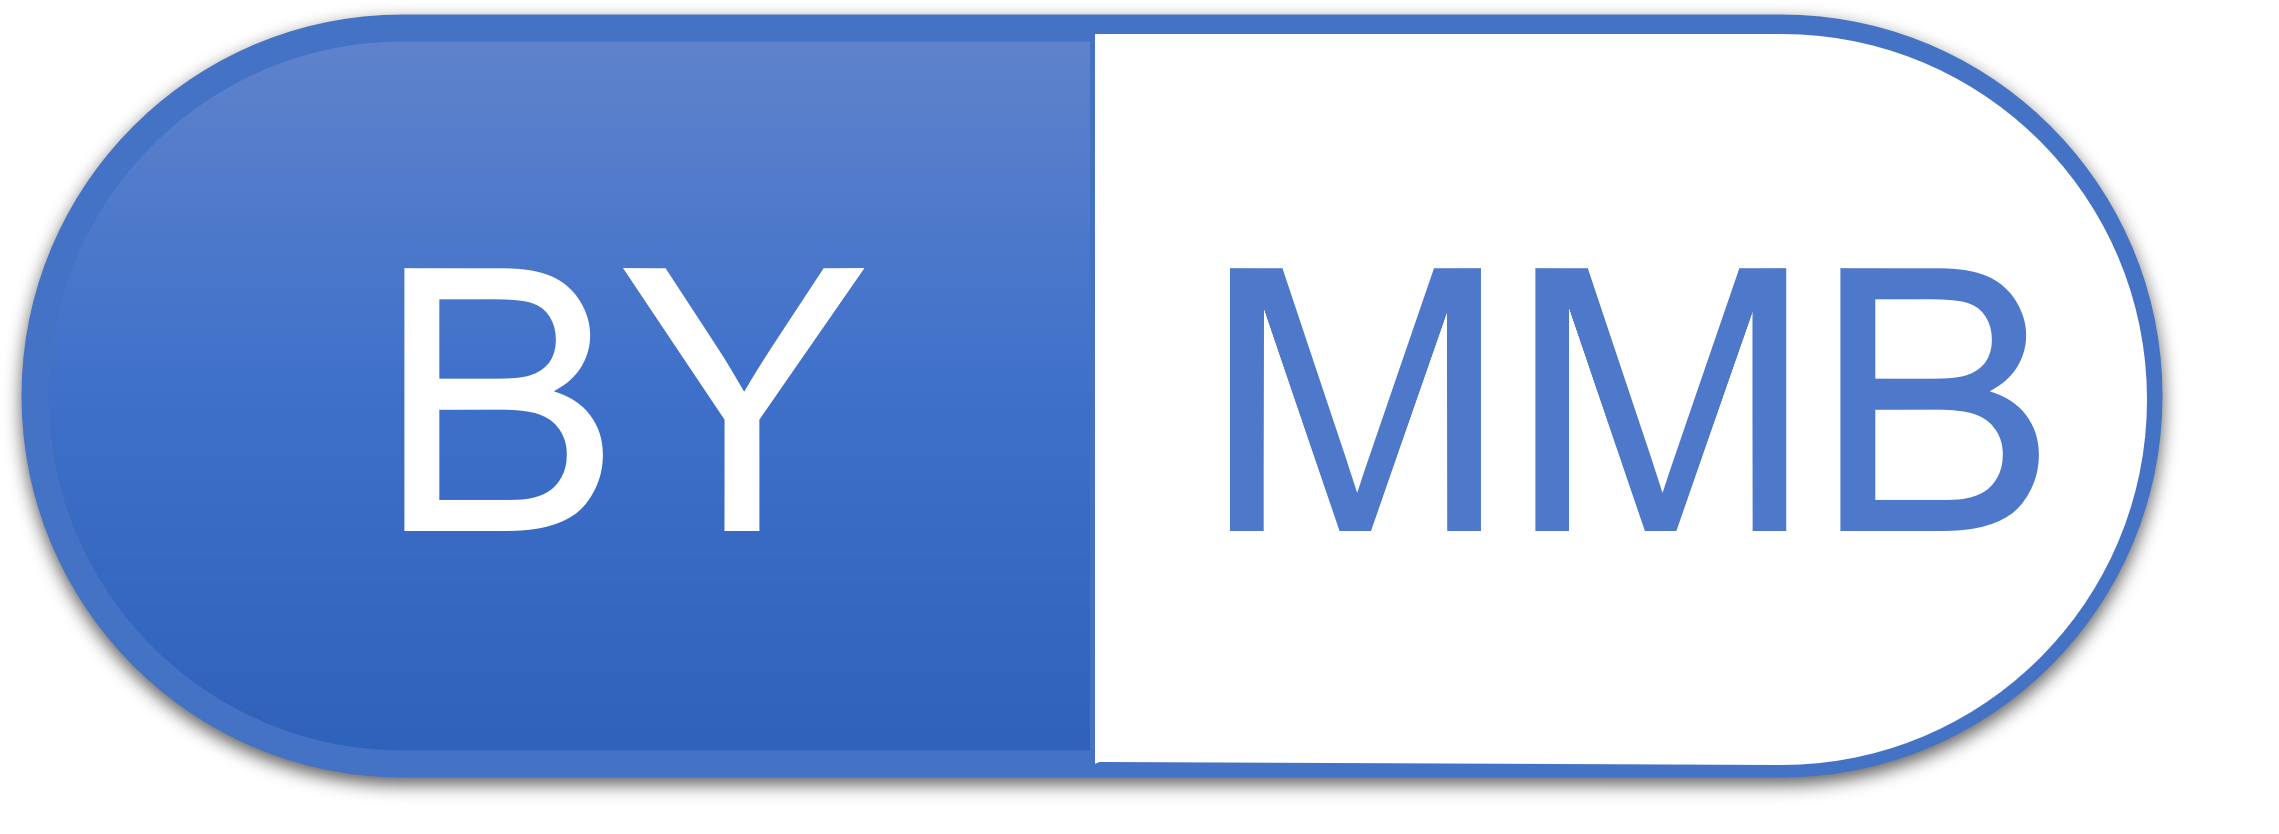 BYMMB Bilişim Akademi